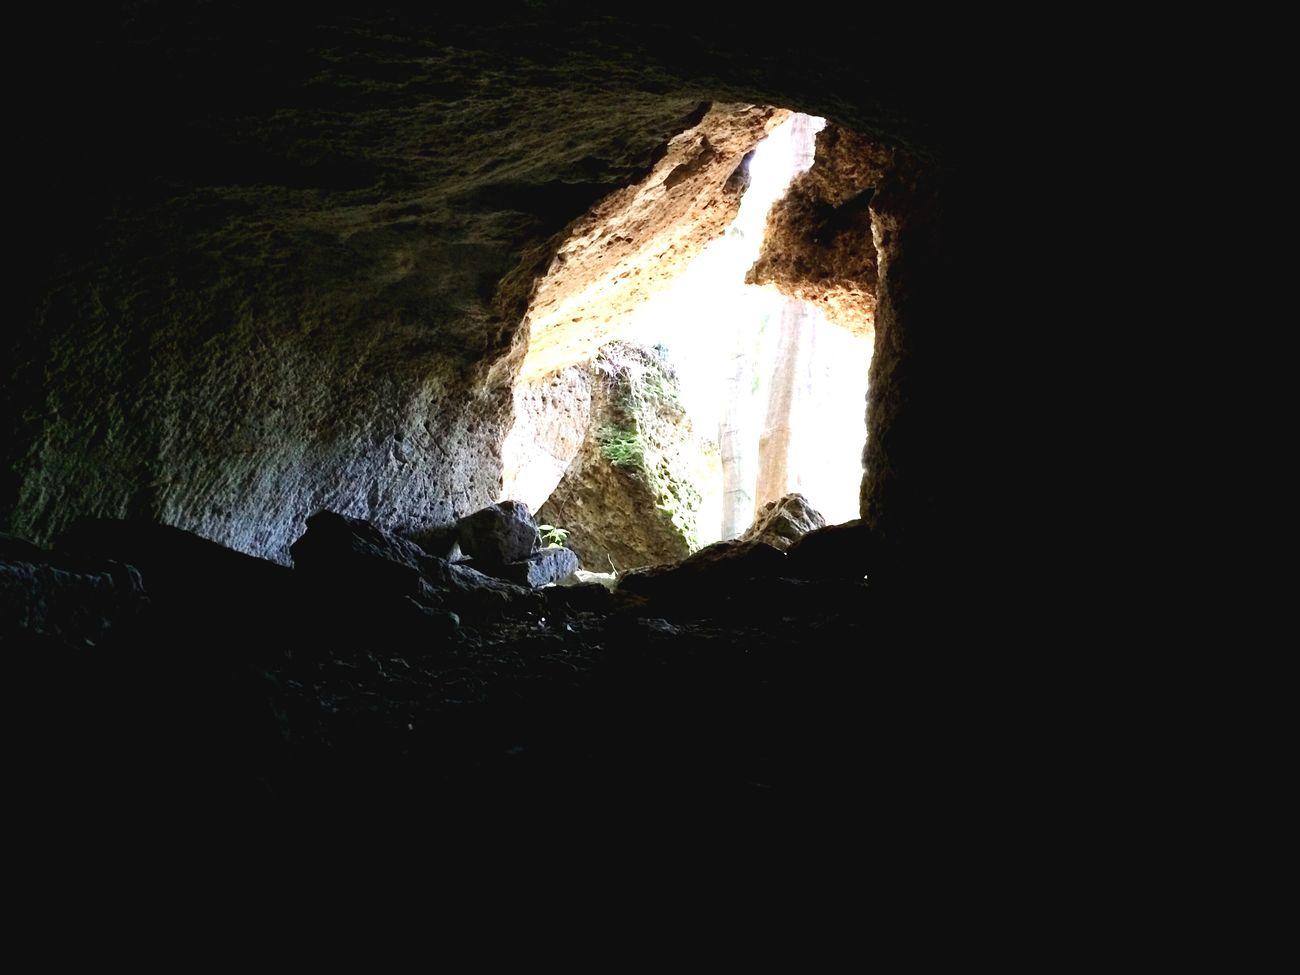 宇都宮 Utsunomiya OHYA Underground Ohyaunderground 大谷石 大谷採石場 地底 Japan チイキカチ